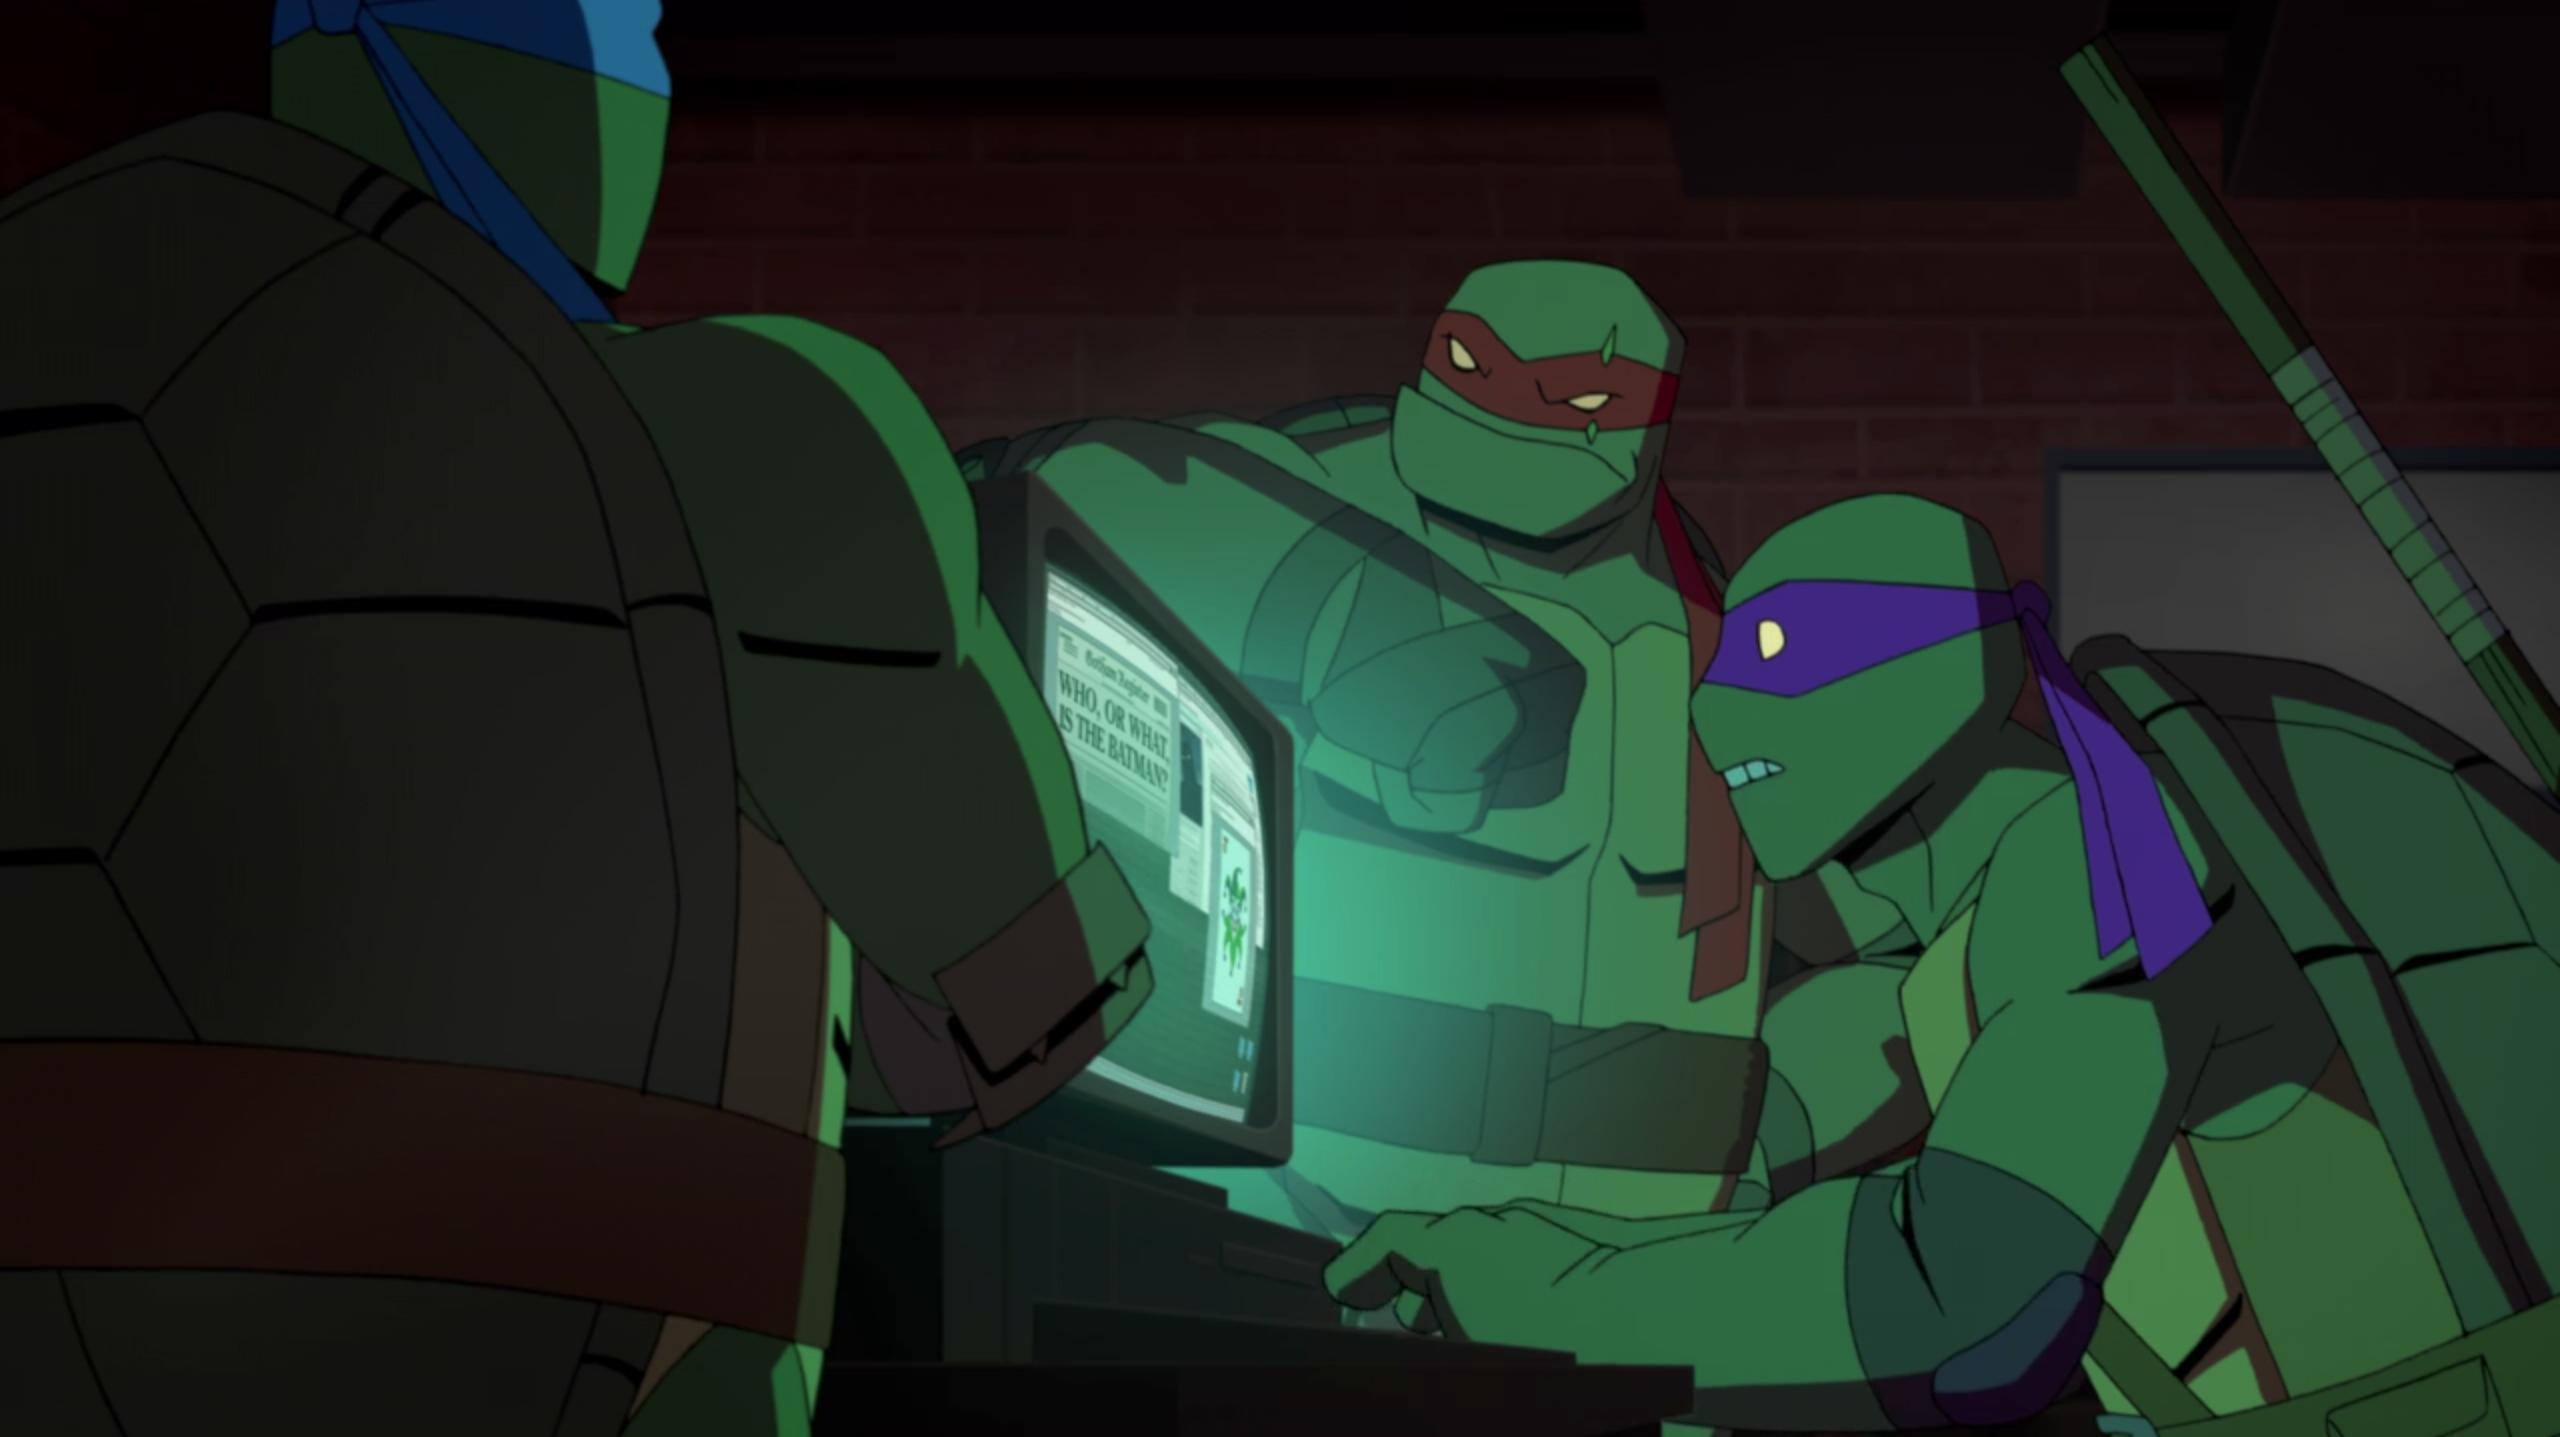 Batman Vs Teenage Mutant Ninja Turtles Traditional Animation